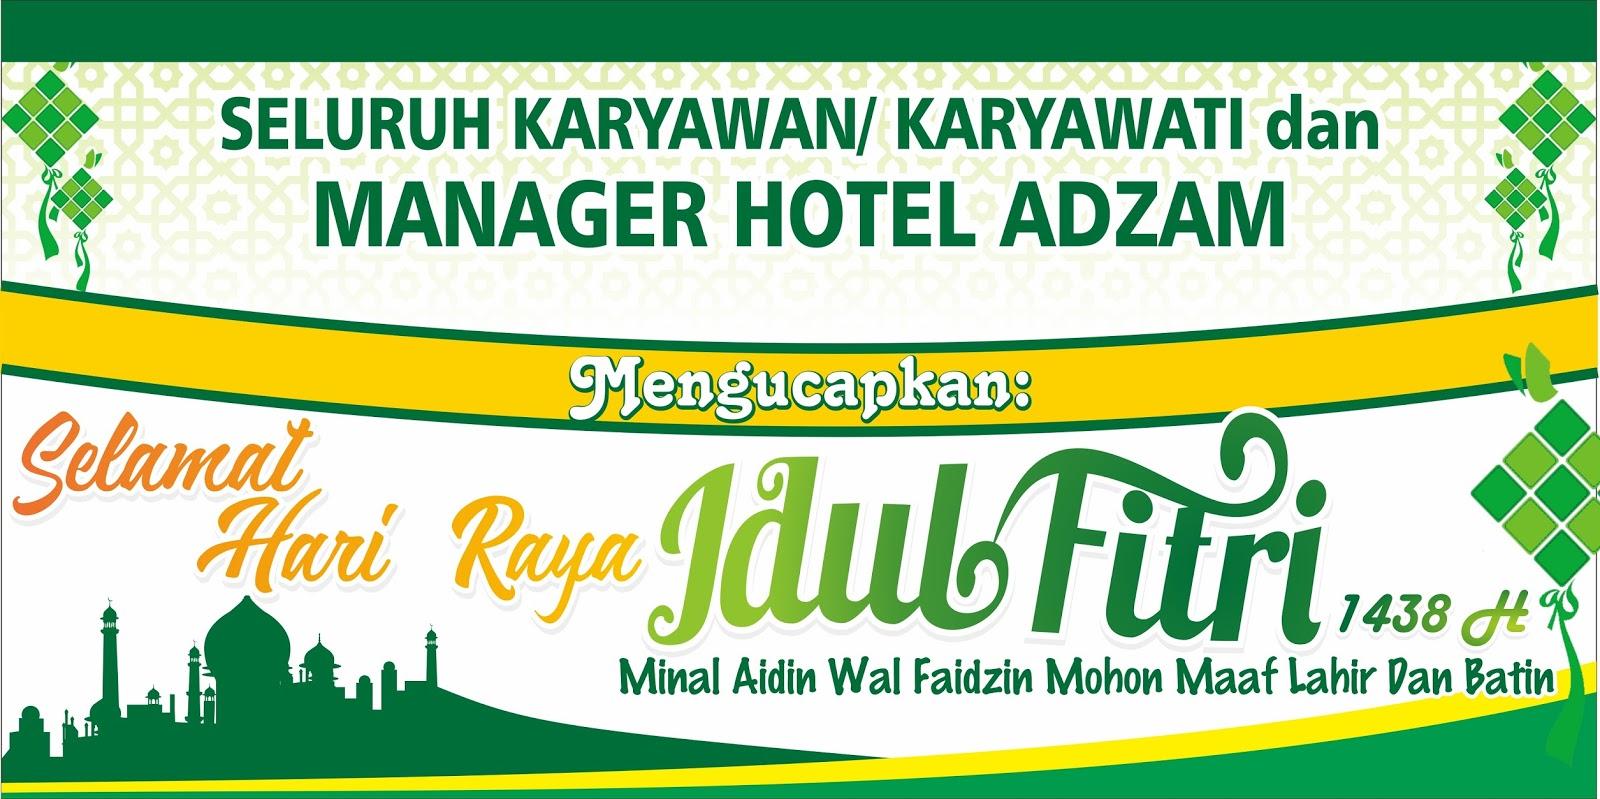 Kumpulan Contoh Banner Ucapan Selamat Idul Fitri Cdr Terbaru Model